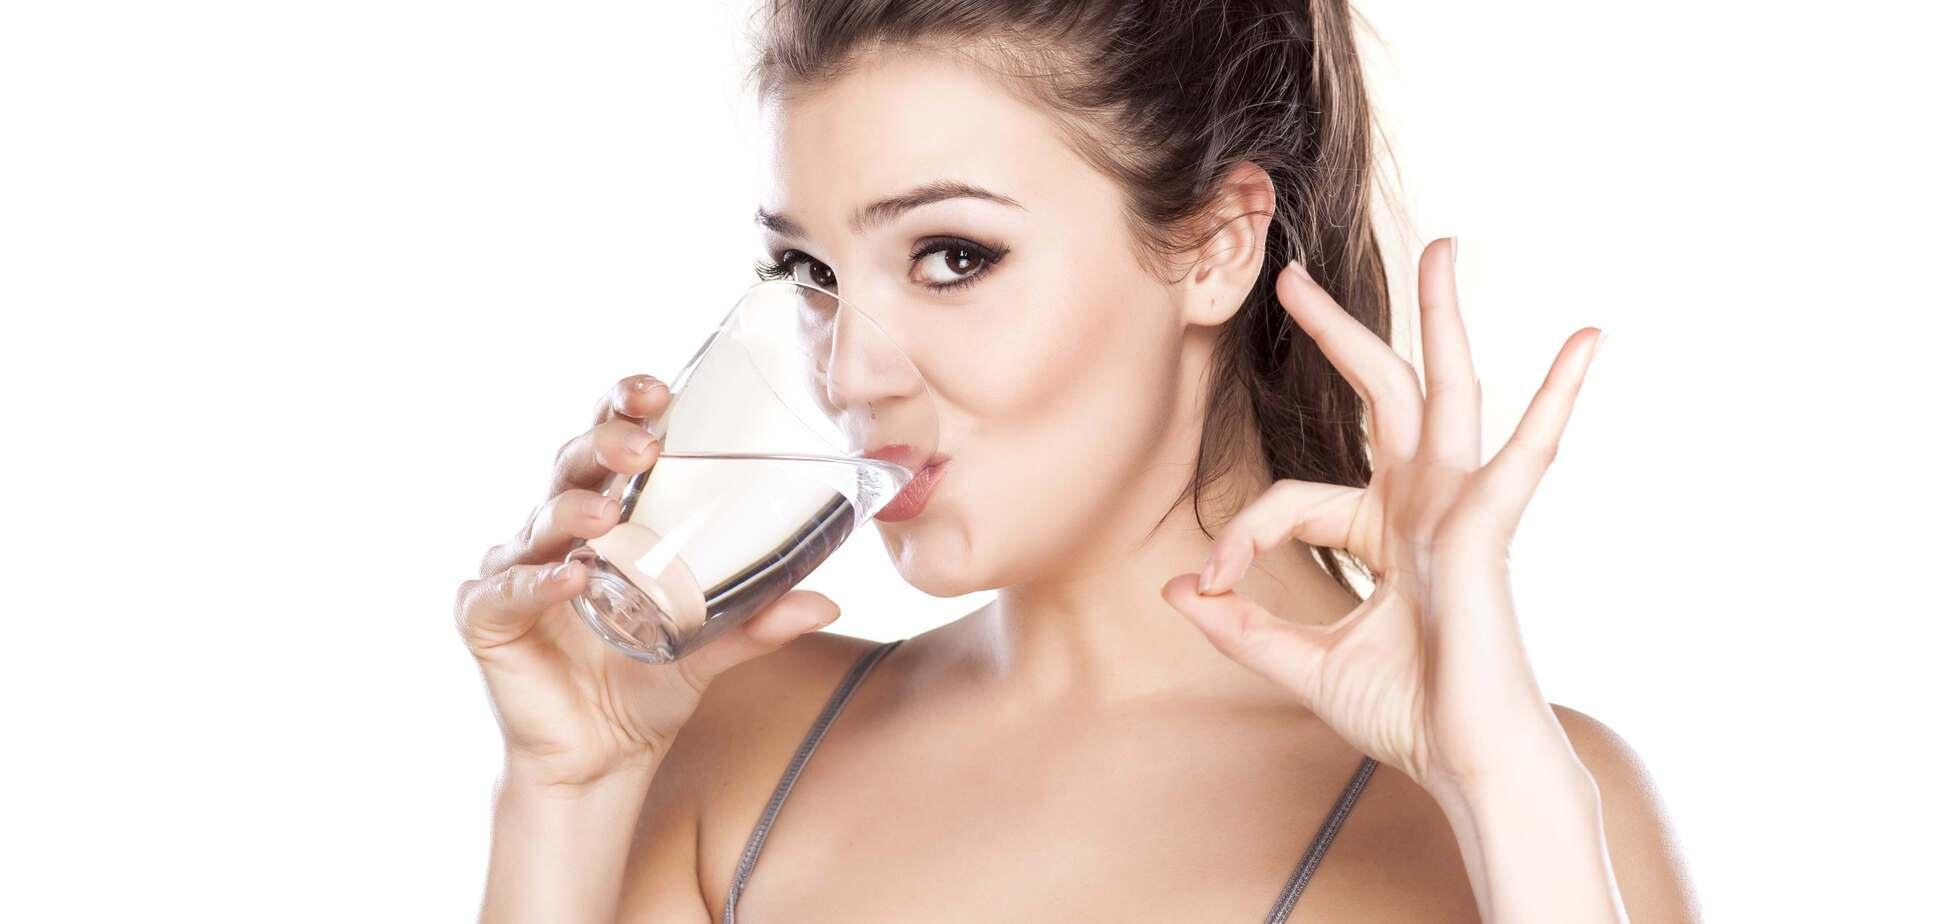 Ученые выяснили, сколько нужно пить воды, чтобы не навредить организму